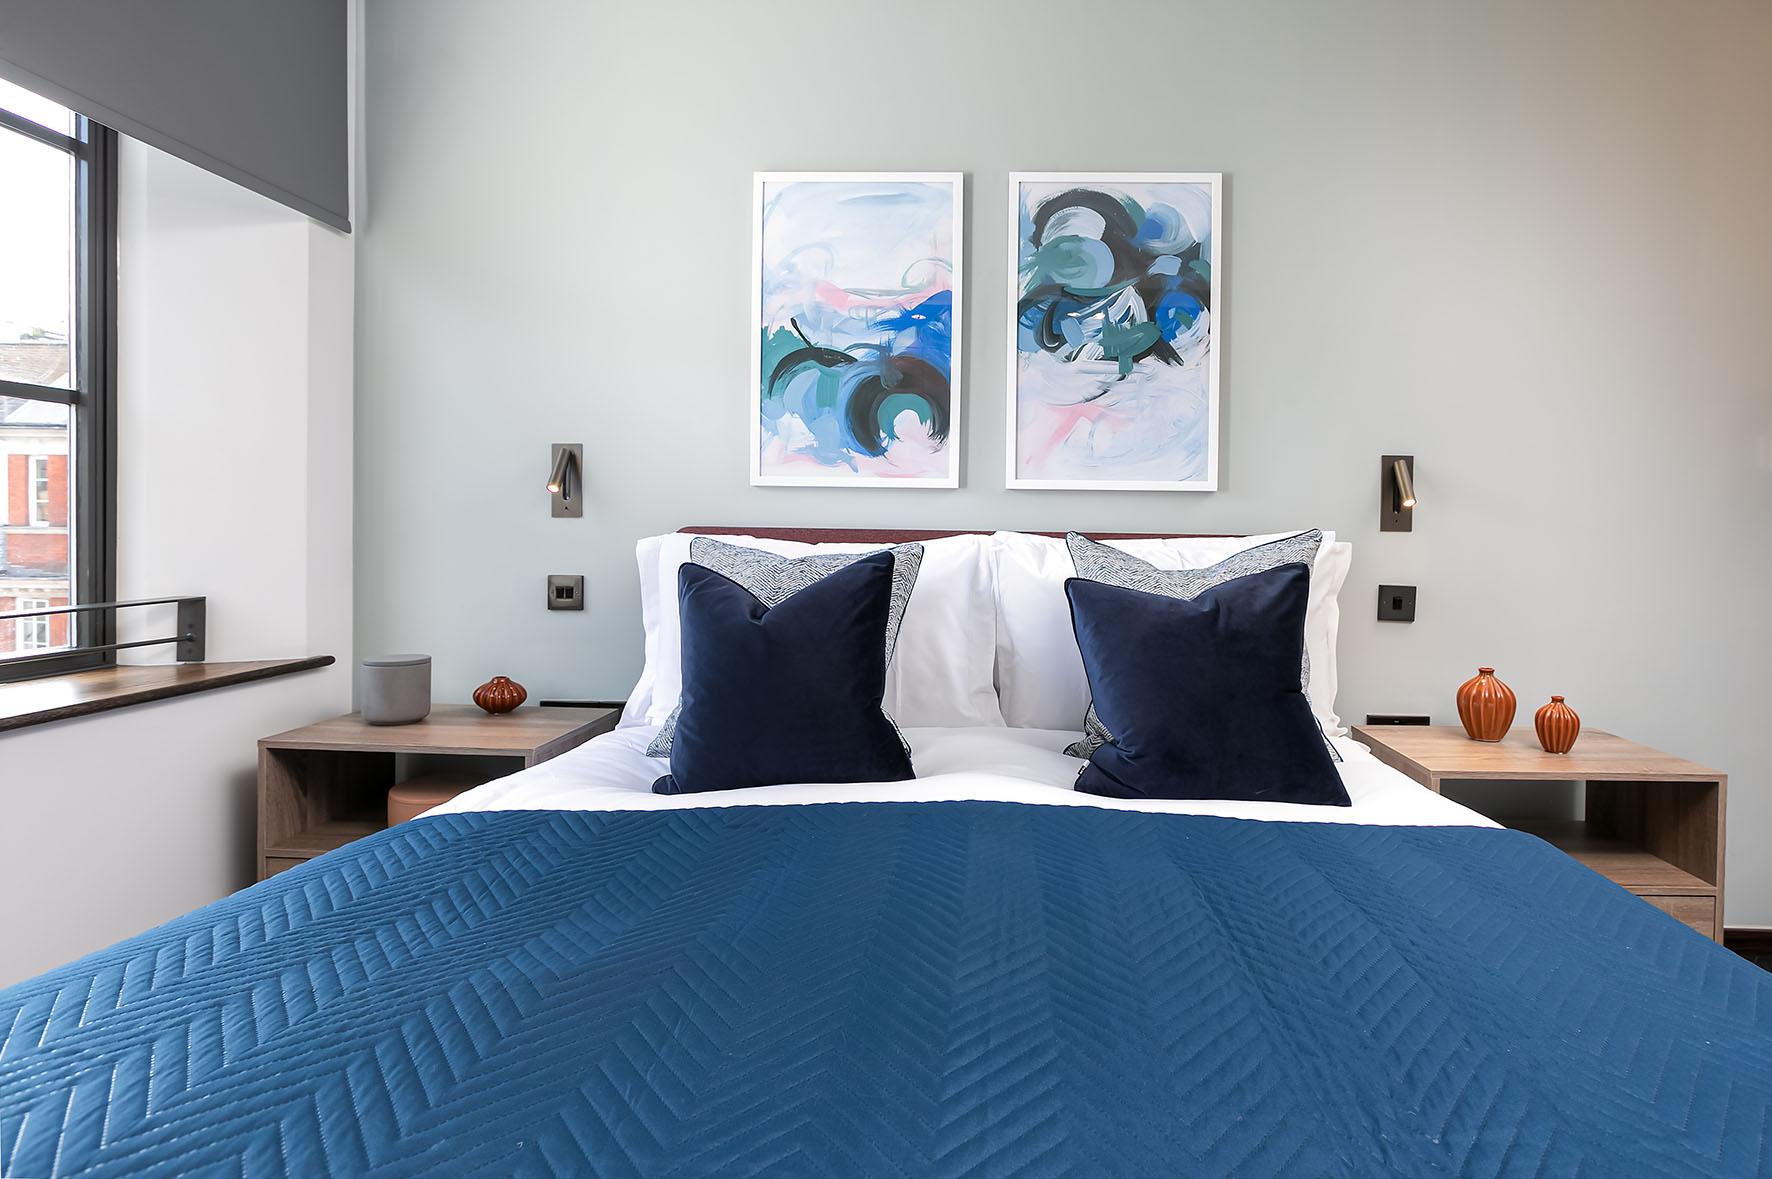 Lovelydays luxury service apartment rental - London - Soho - Noel Street VI - Lovelysuite - 2 bedrooms - 2 bathrooms - Queen bed - luxury apartment in london - 6d980eb9a843 - Lovelydays